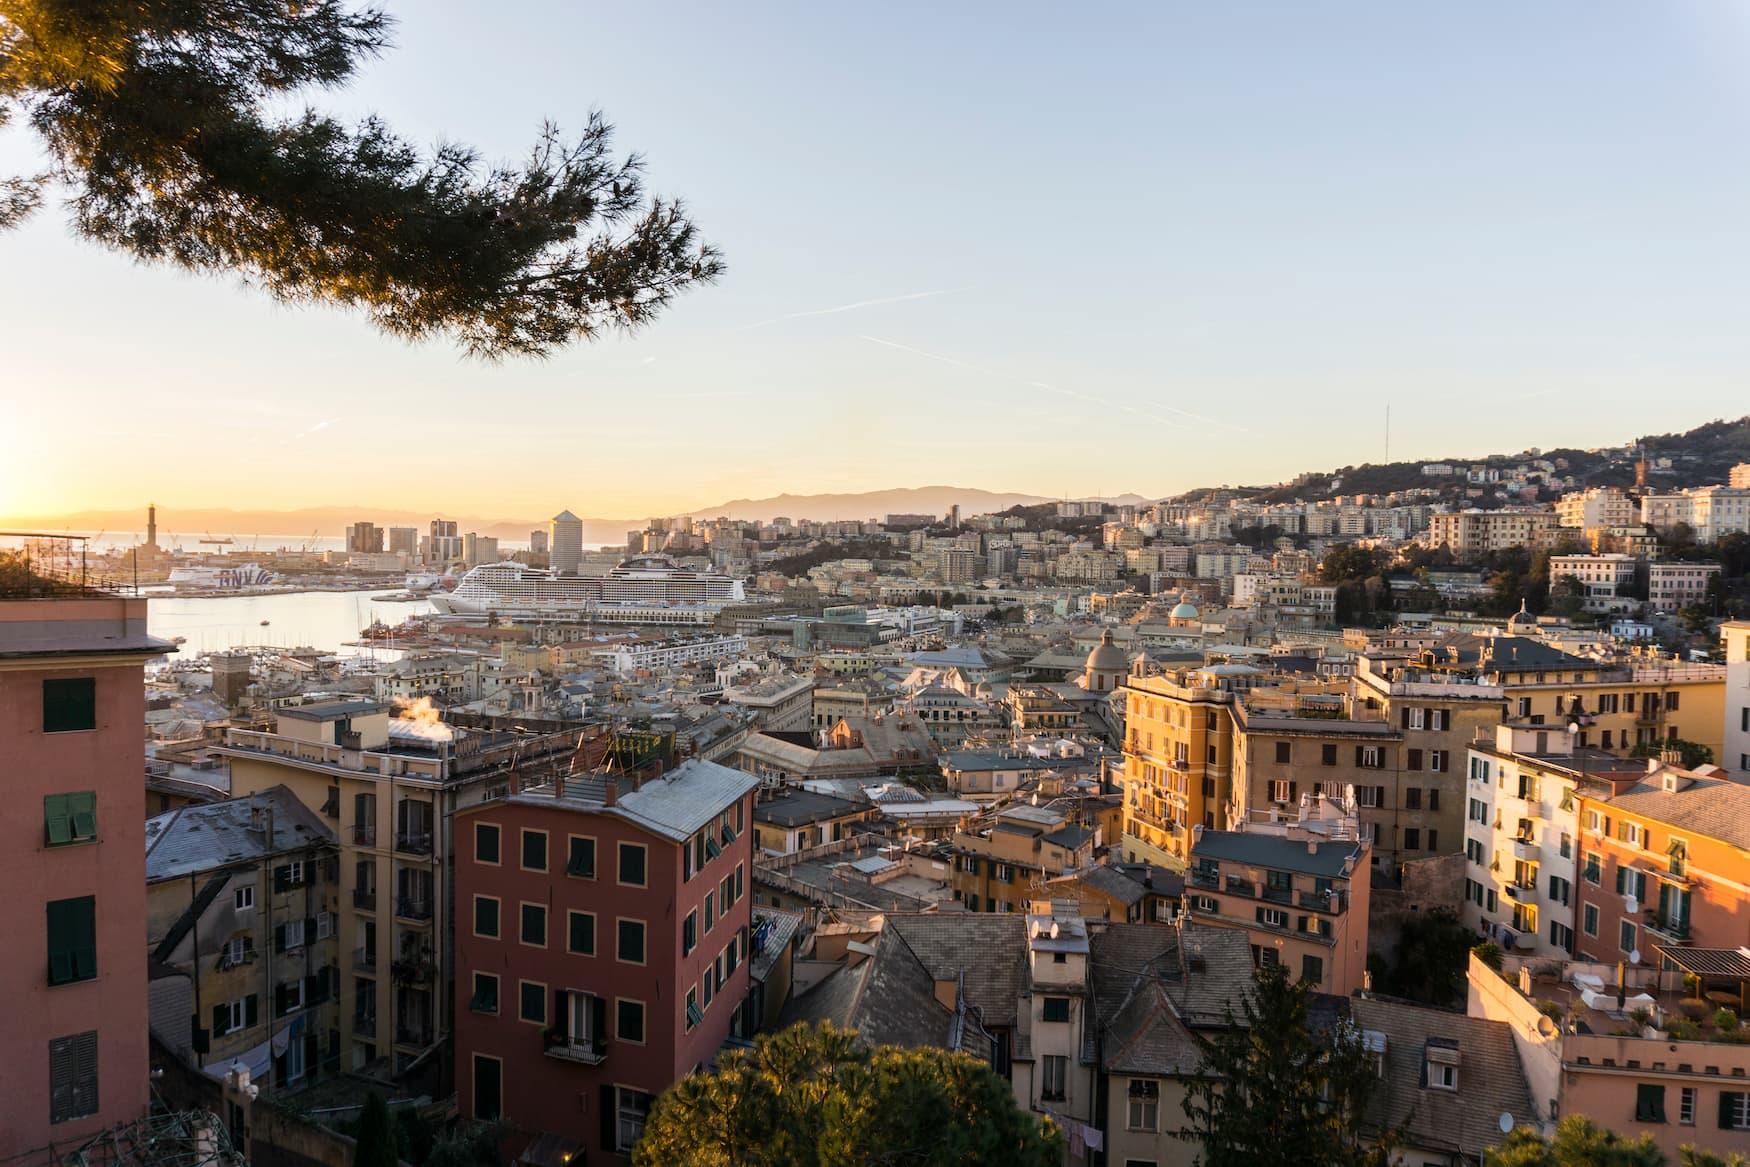 Aussicht über Genua bei Sonnenuntergang